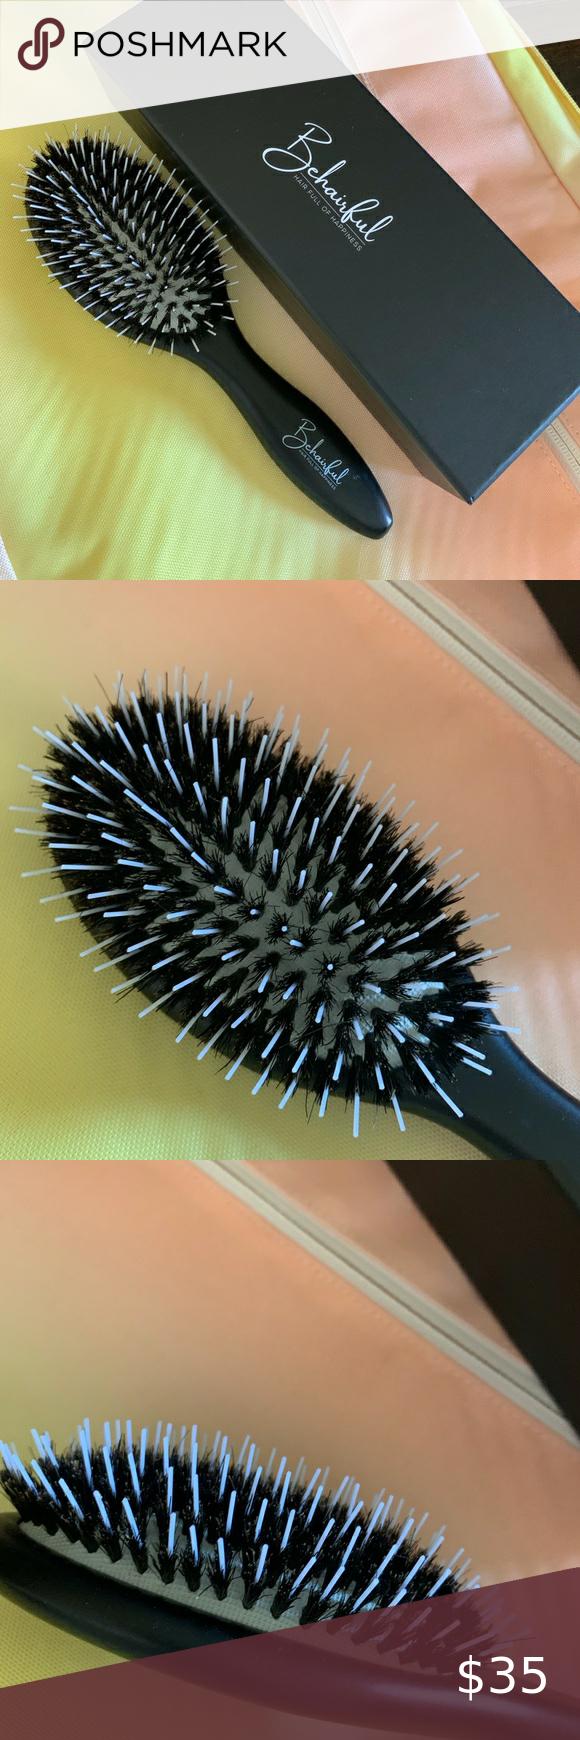 Behairful Detangling Brush In 2020 Detangling Brush Detangler Styling Brush